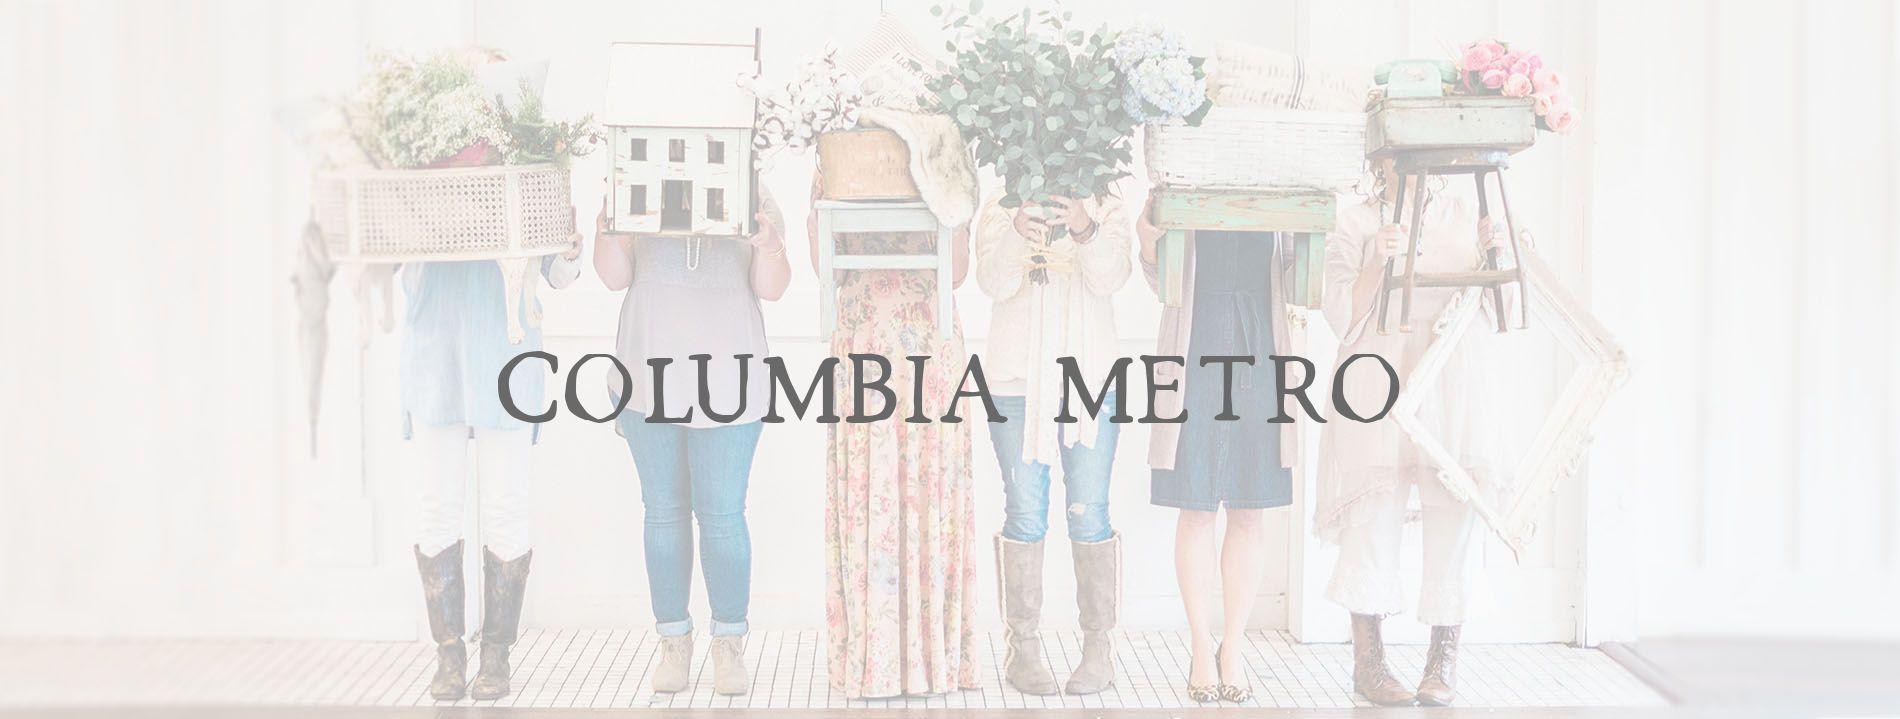 Columbia Metro